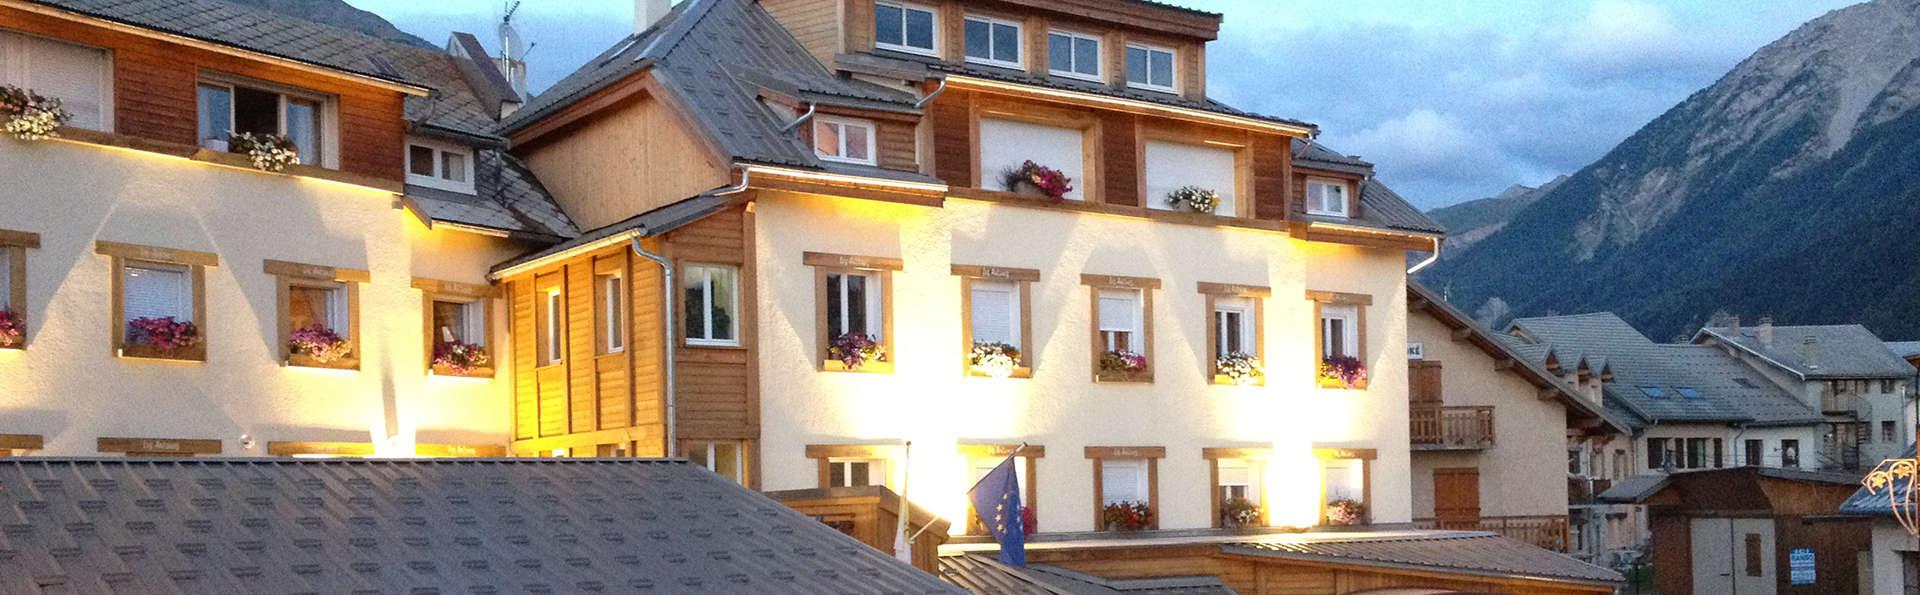 Hôtel Les Autanes - EDIT_NEW_FRONT.jpg